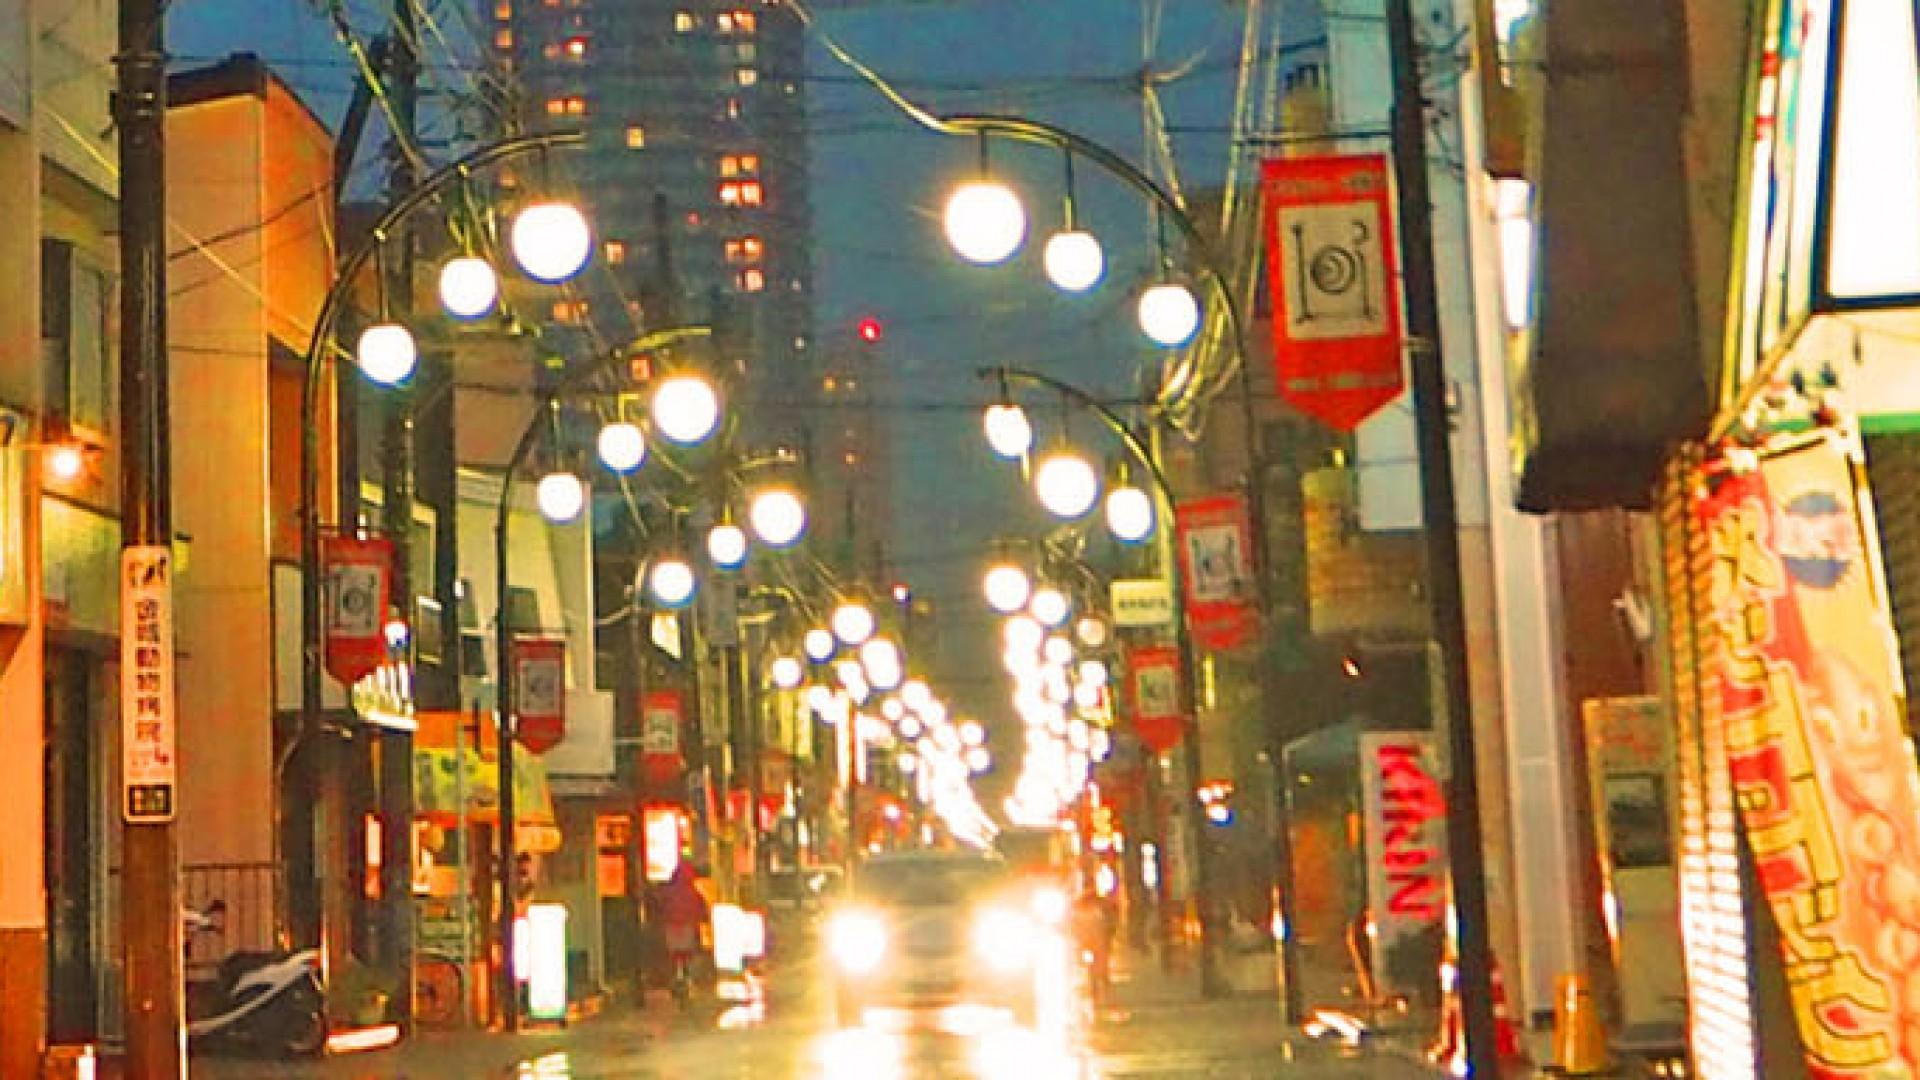 ถนนสะอุซาน (ถนน 1000) สะกะมิได